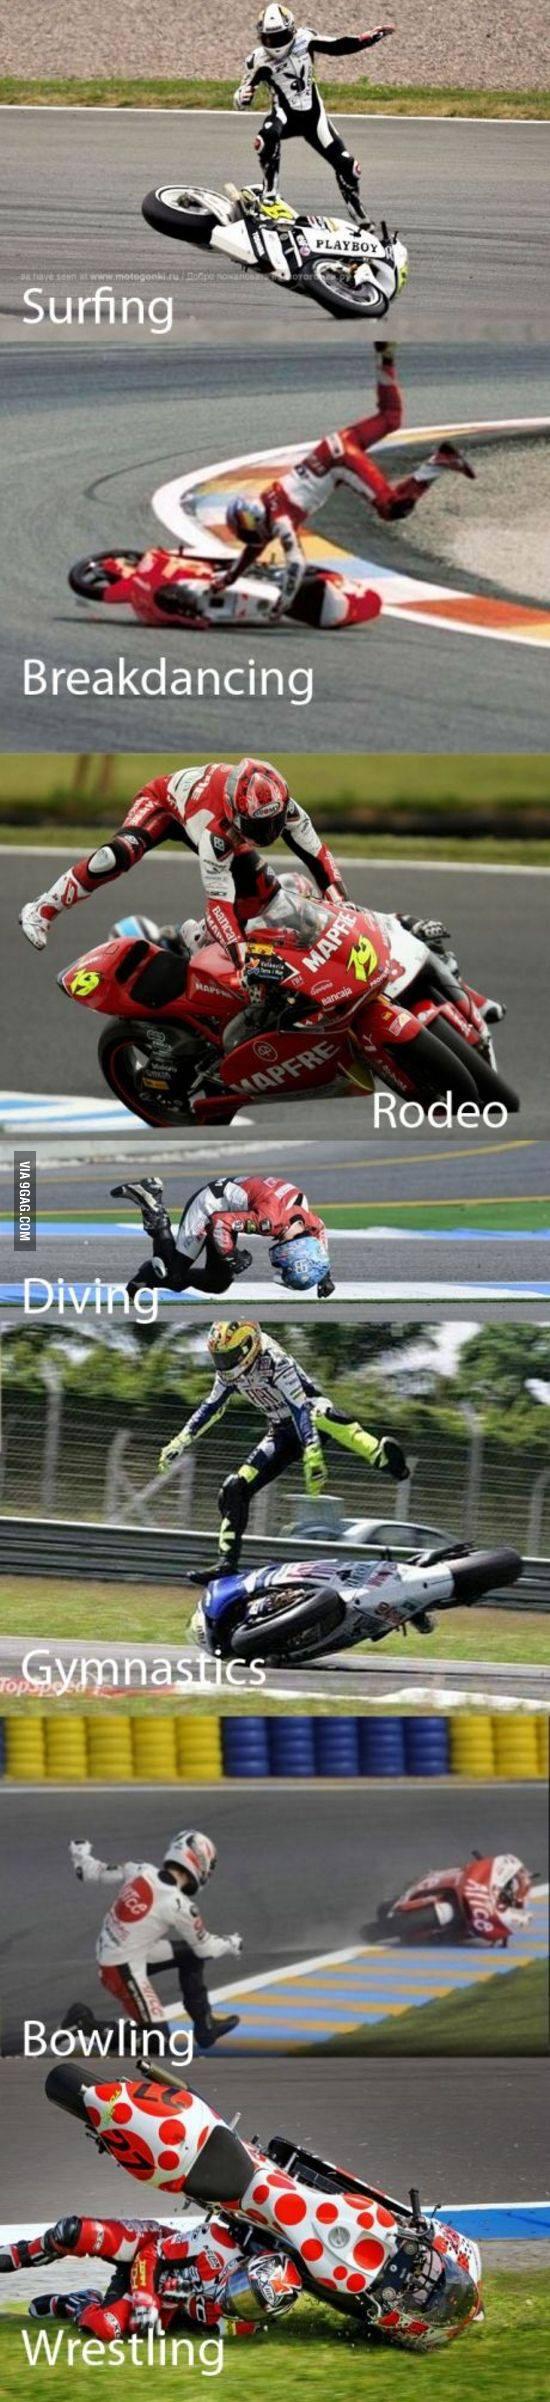 Moto Gp And Other Activities Motoschou